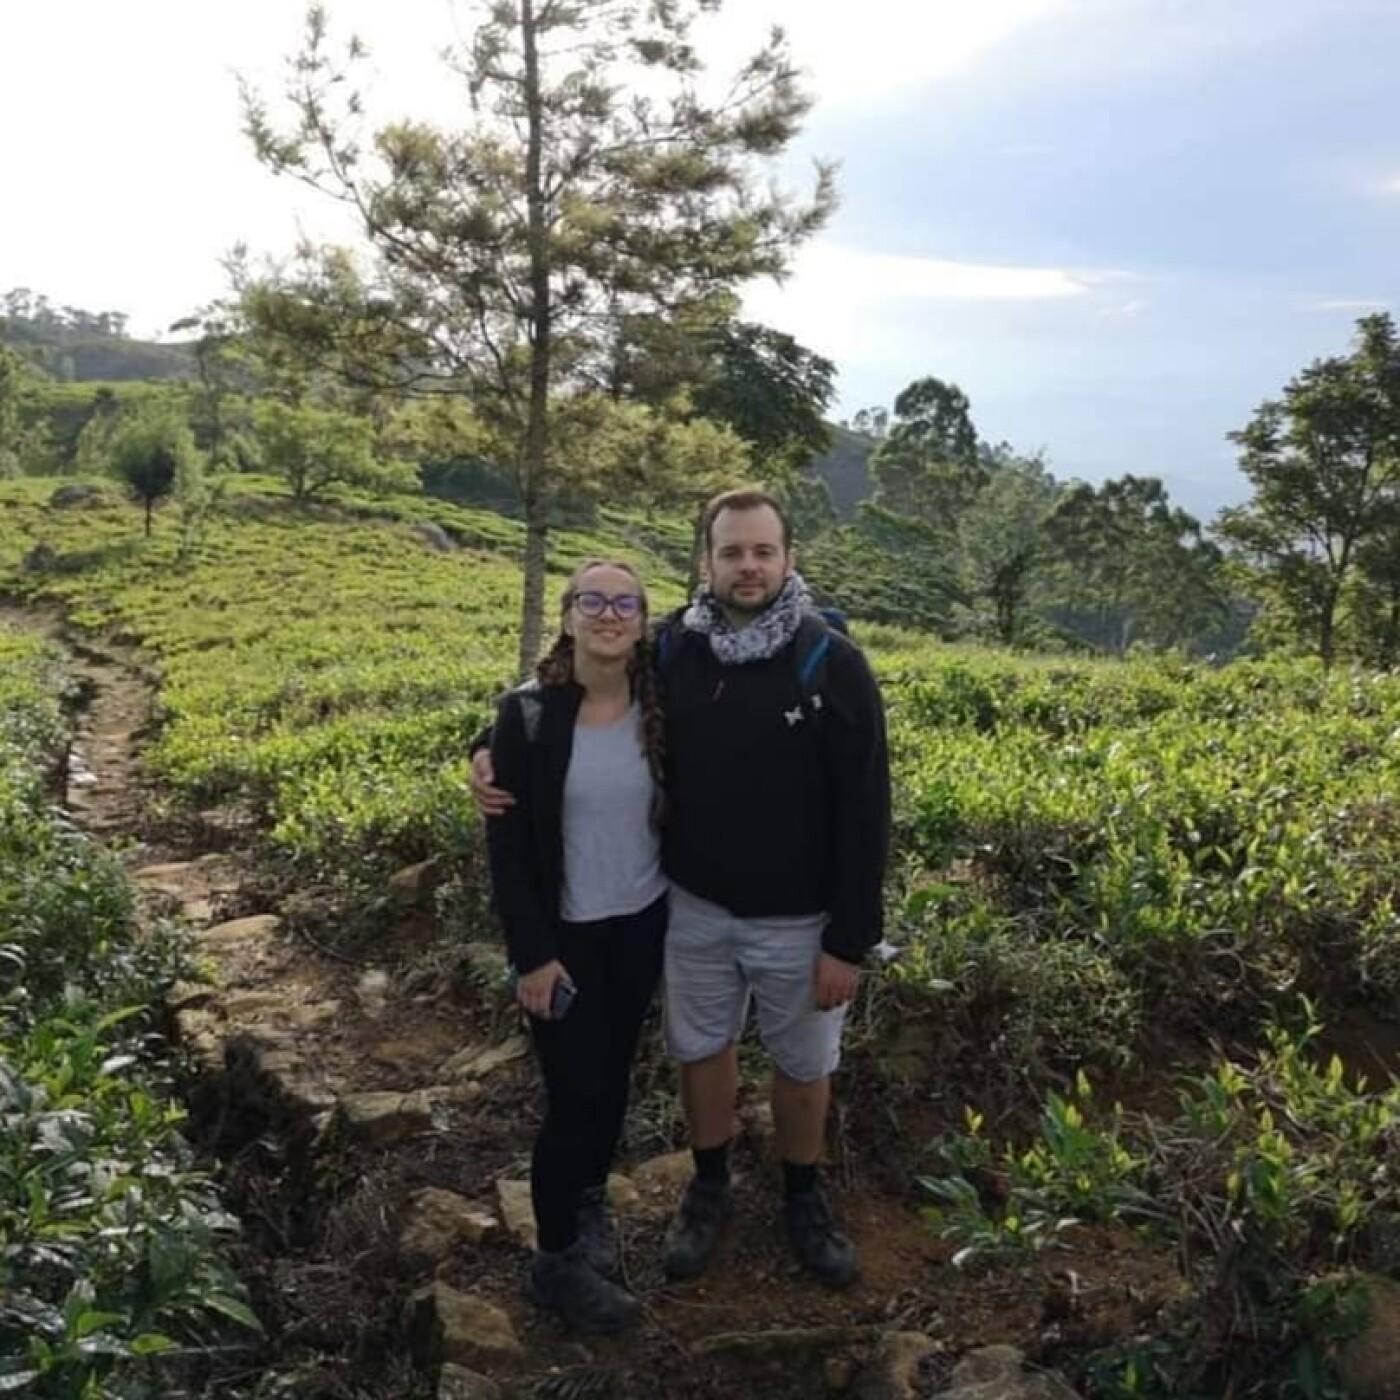 Clémence et Fabien parlent de leur agence de voyage au Sri Lanka - 15 07 2021 - StereoChic Radio